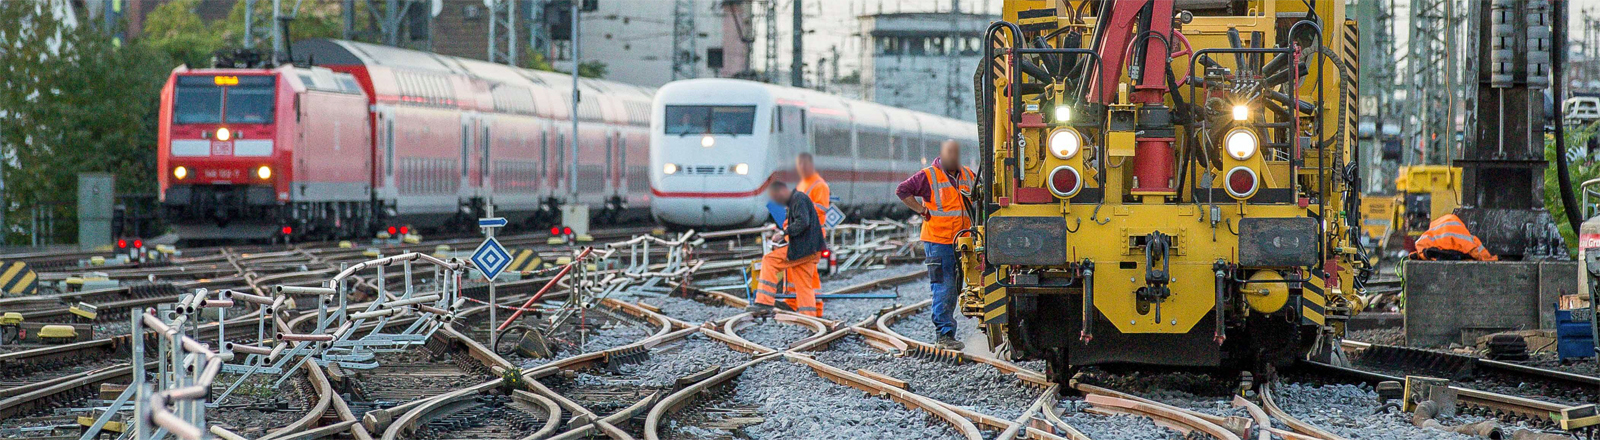 Hier werden Weichen erneuert: Bauarbeiten in der Nähe des Kölner Hauptbahnhofs